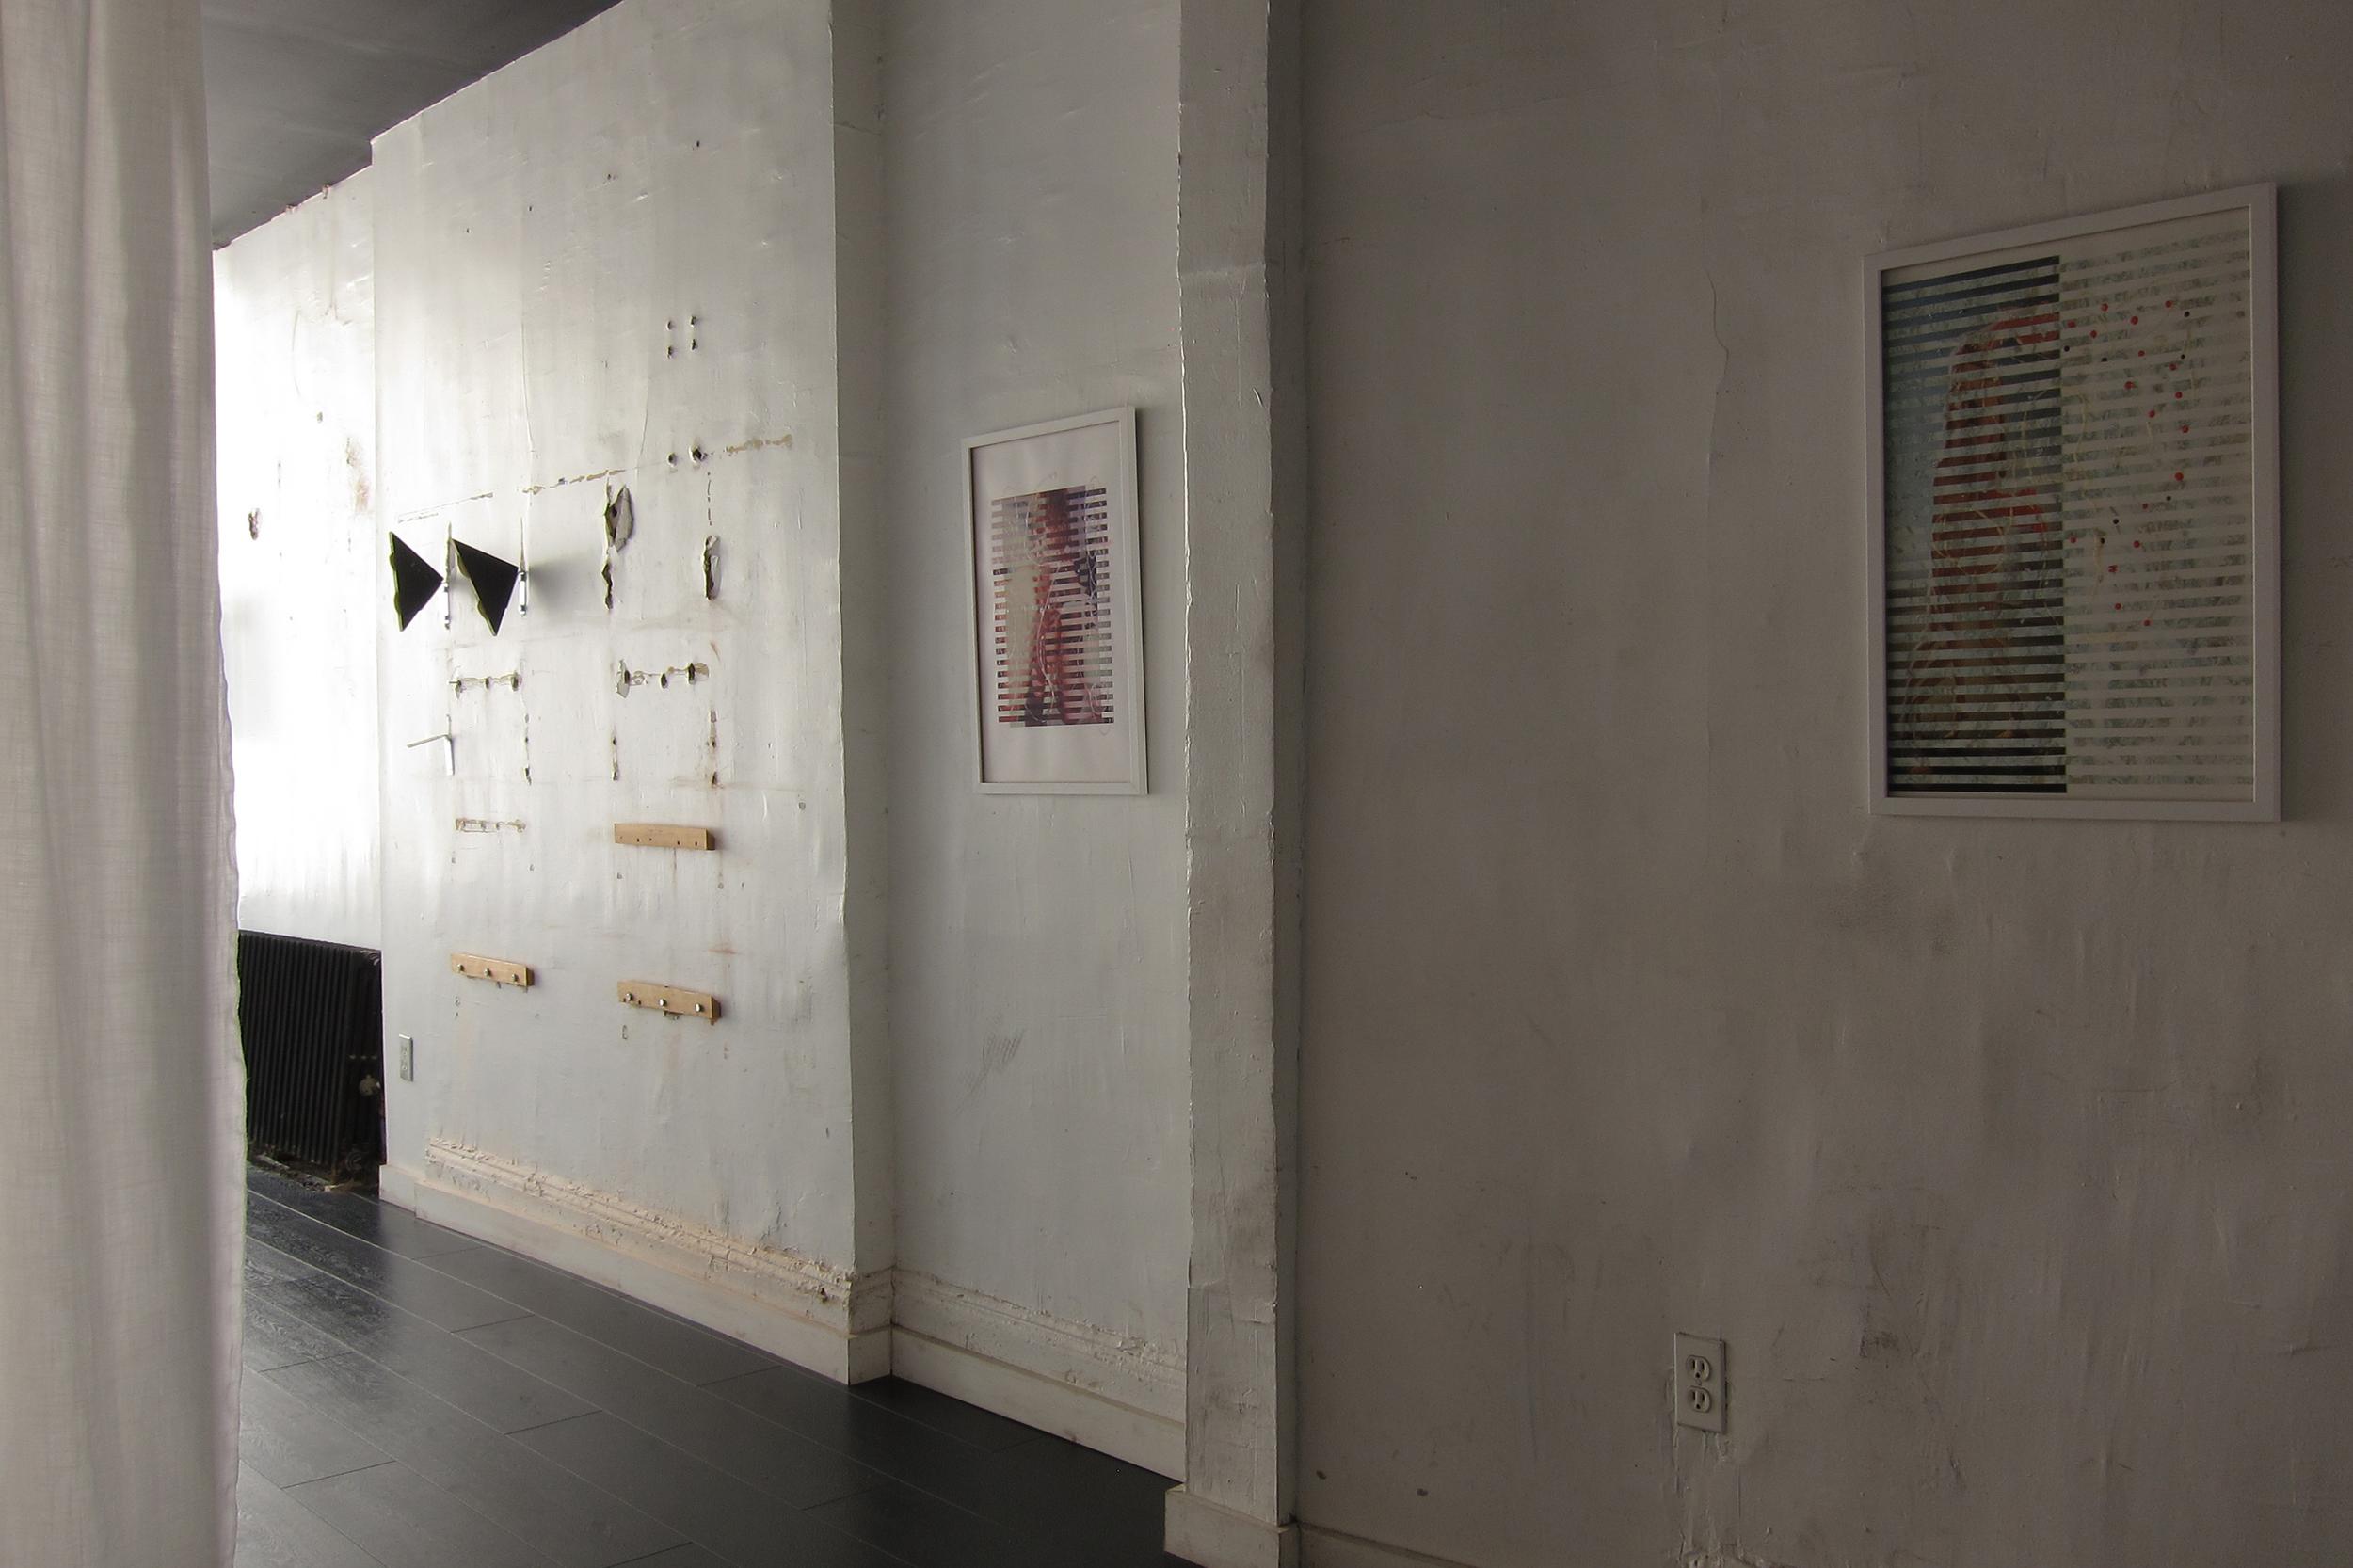 Starschnitt, Kai Matsumiya Gallery, Photo by Markues_10.jpg